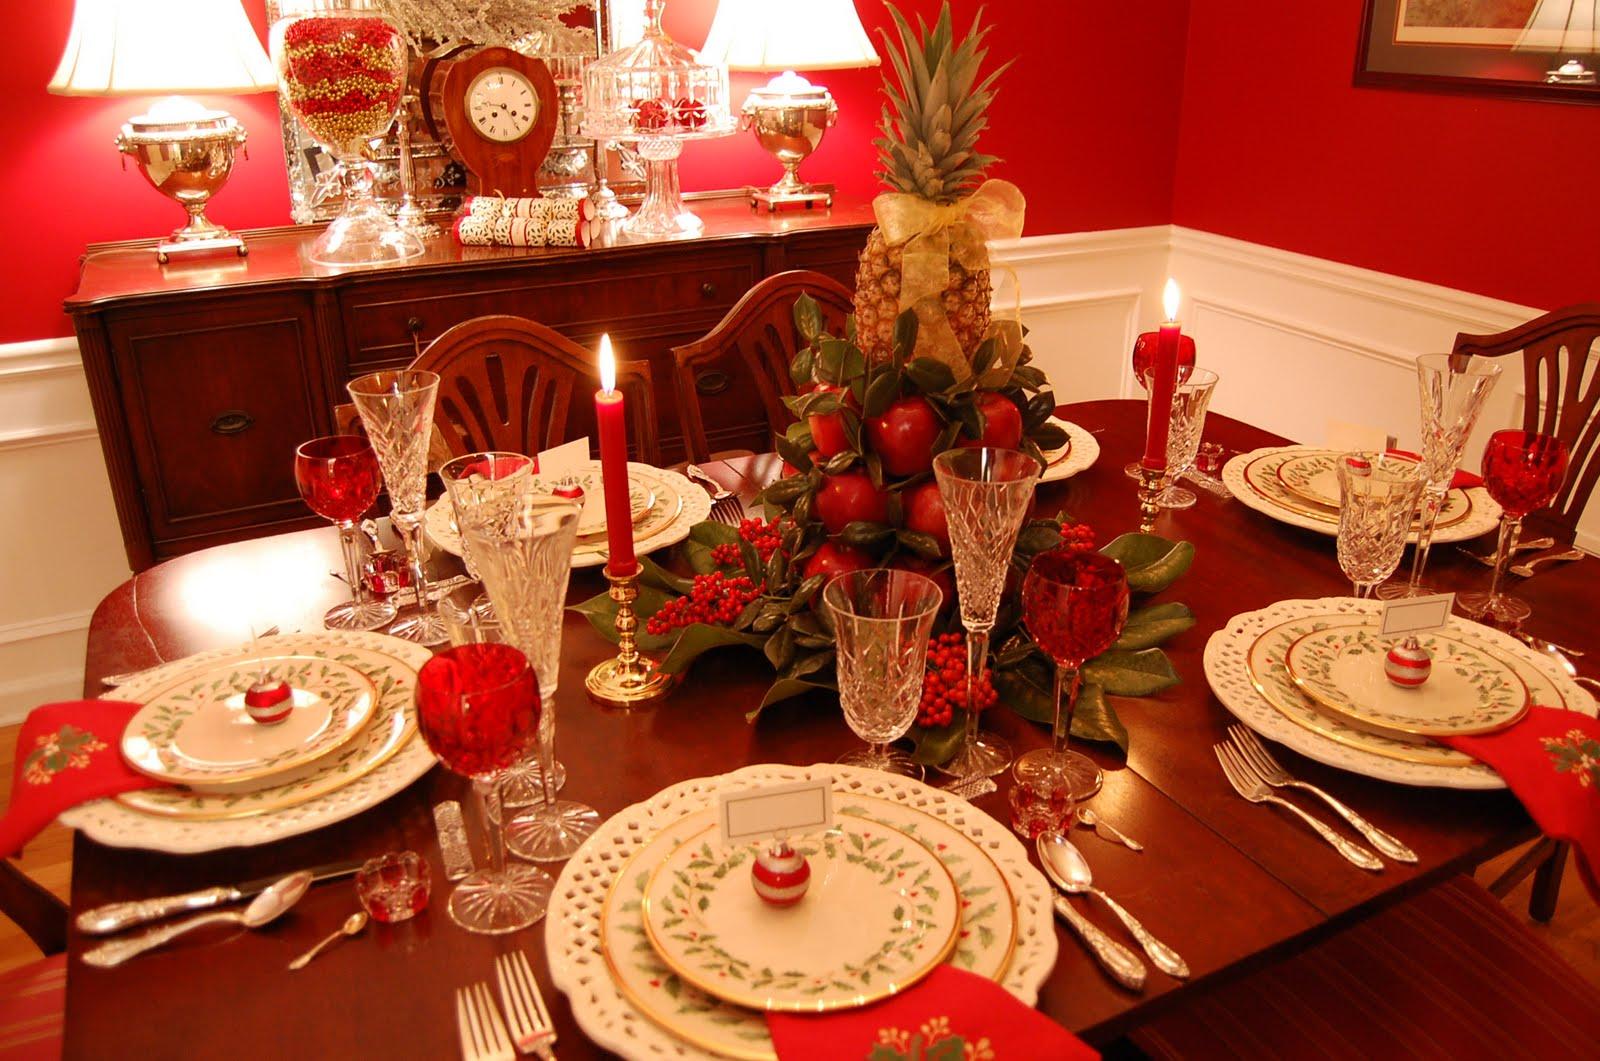 картинки дополняются как украшать новогодний стол фото нельзя назвать